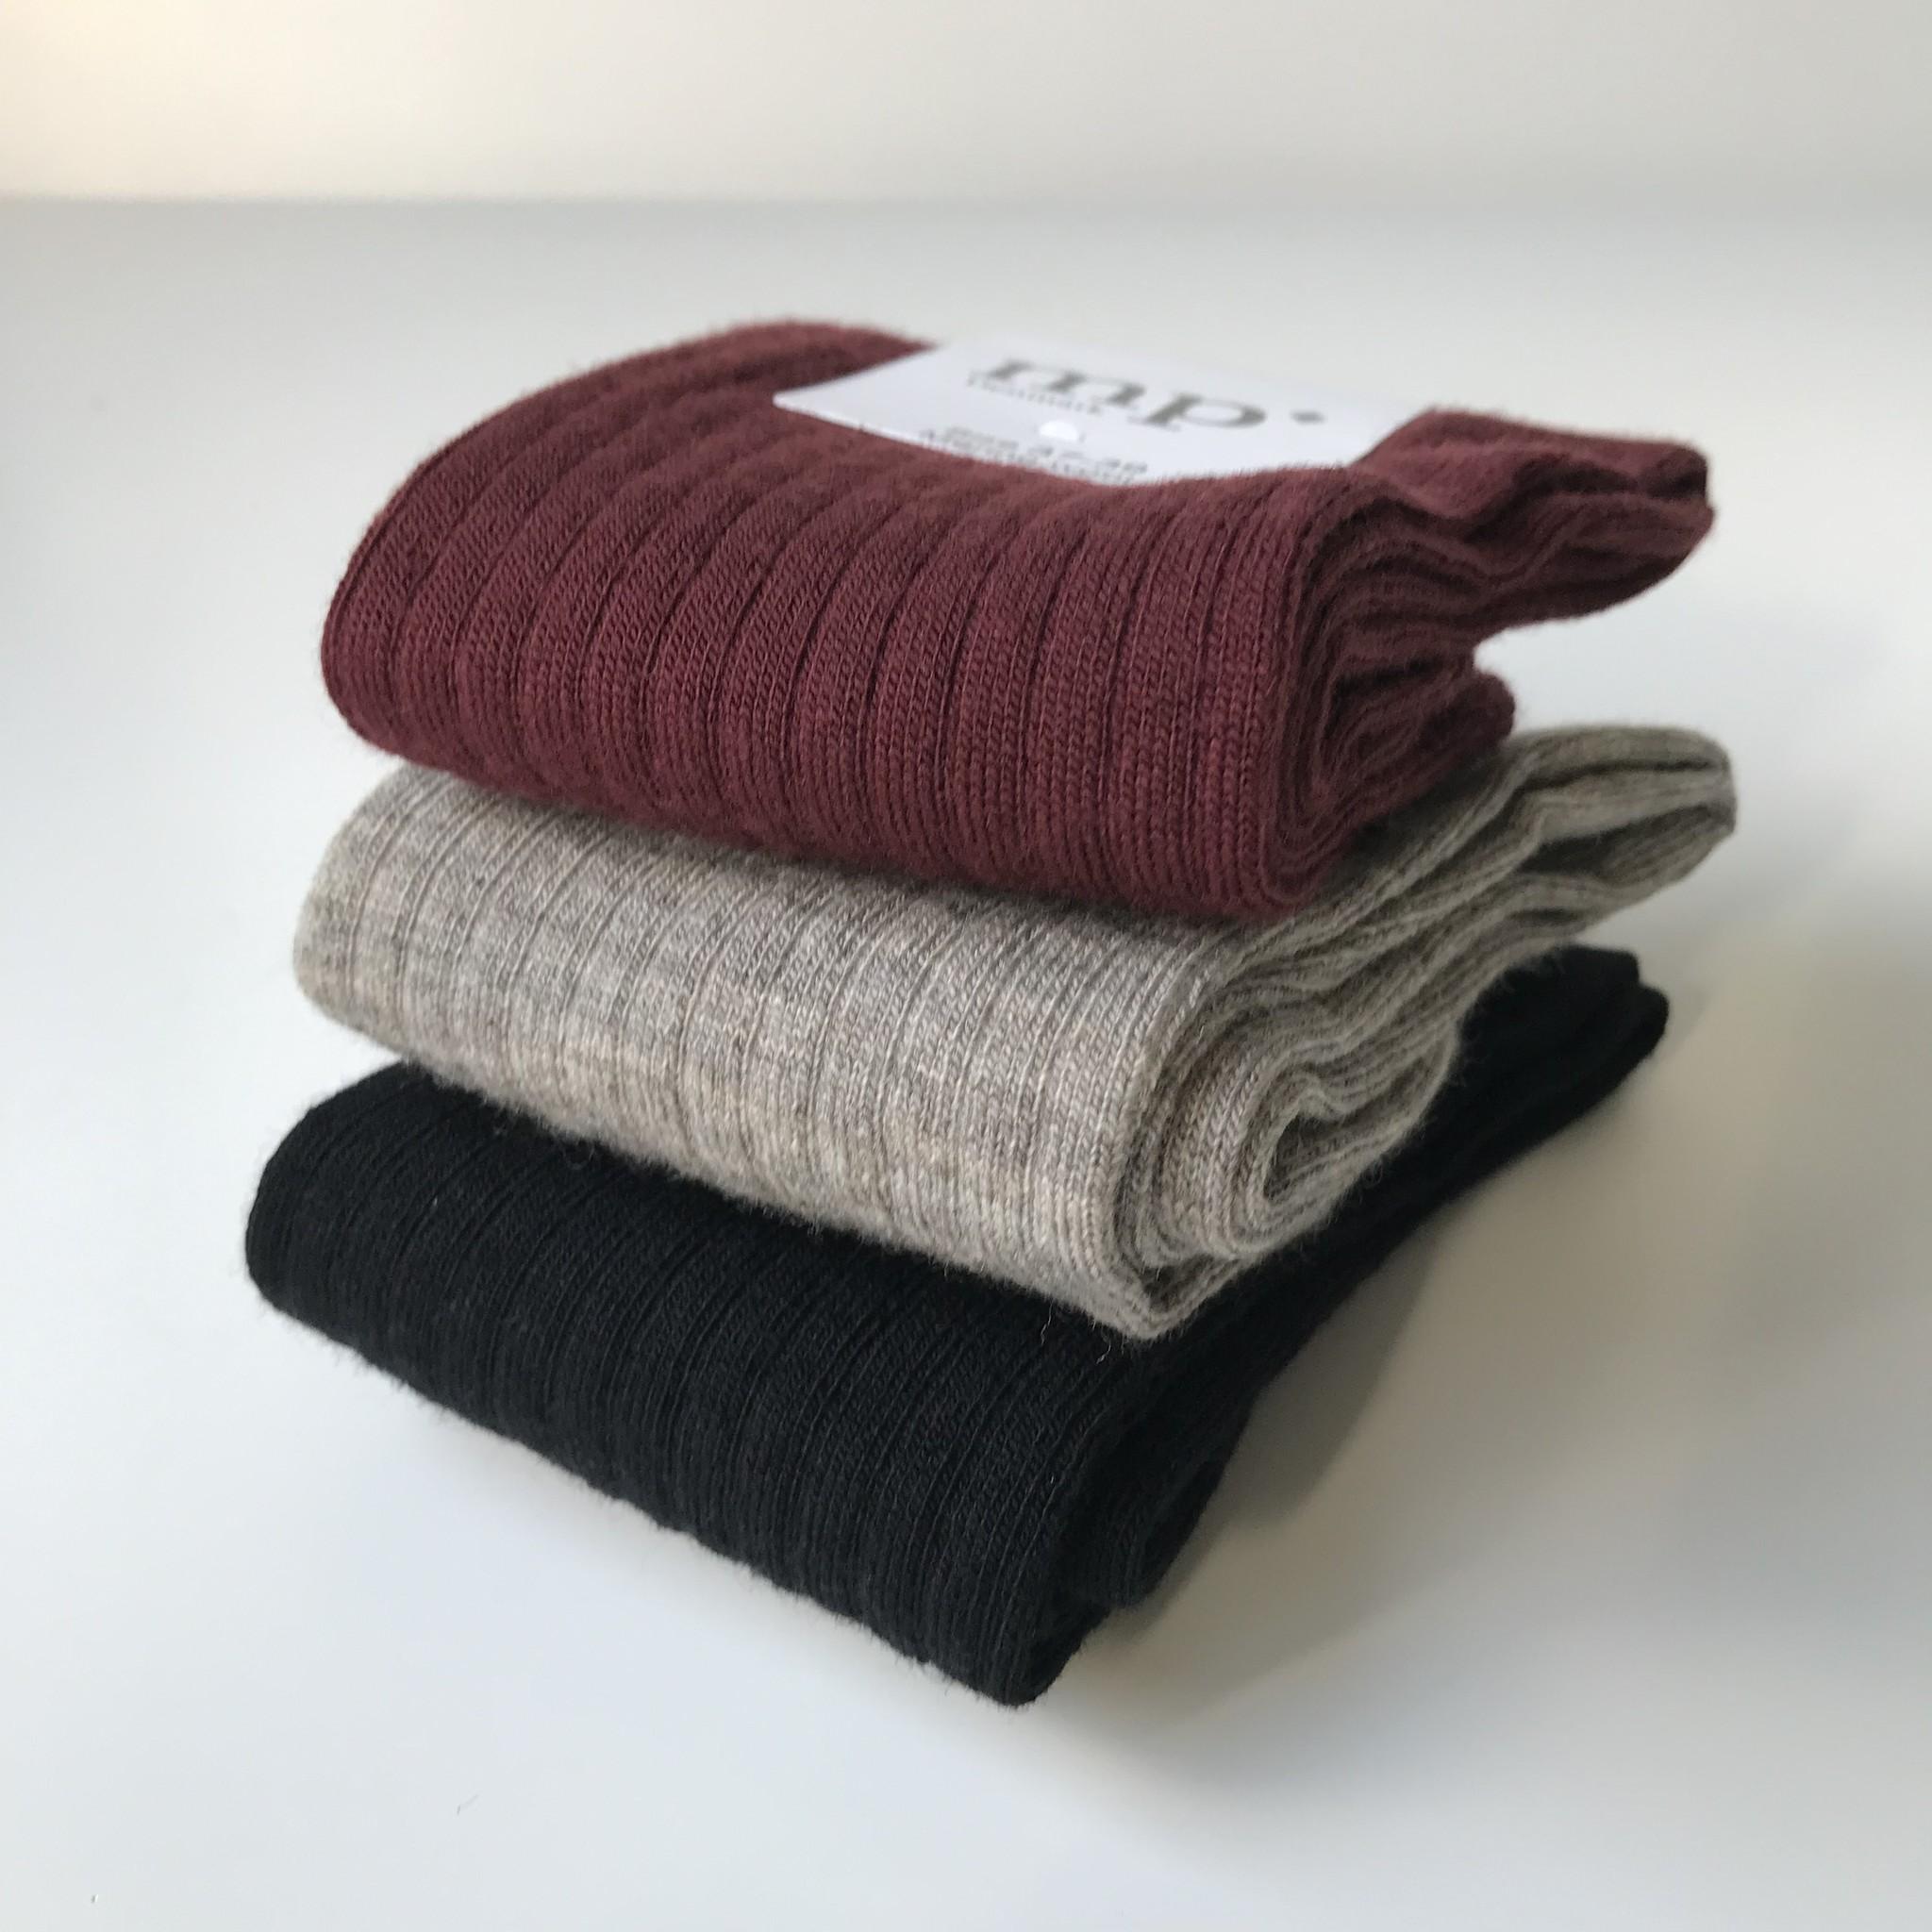 MP Denmark woolen socks - 80% merino wool - beige melange - size 37 to 42